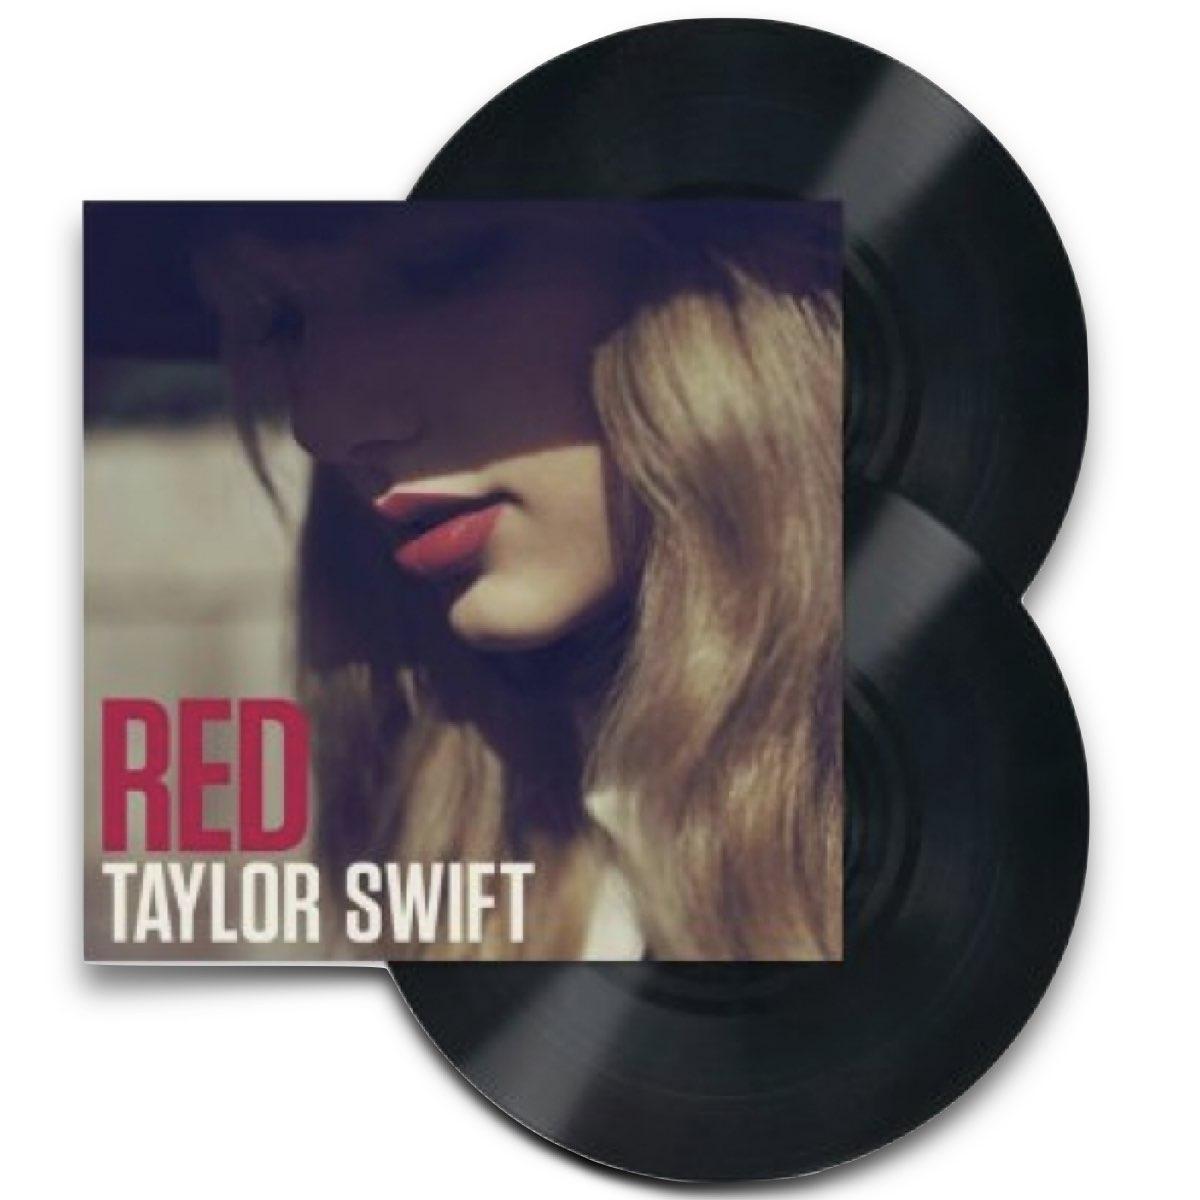 Taylor Swift - RED [Black Double Vinyl] - LEIA A DESCRIÇÃO